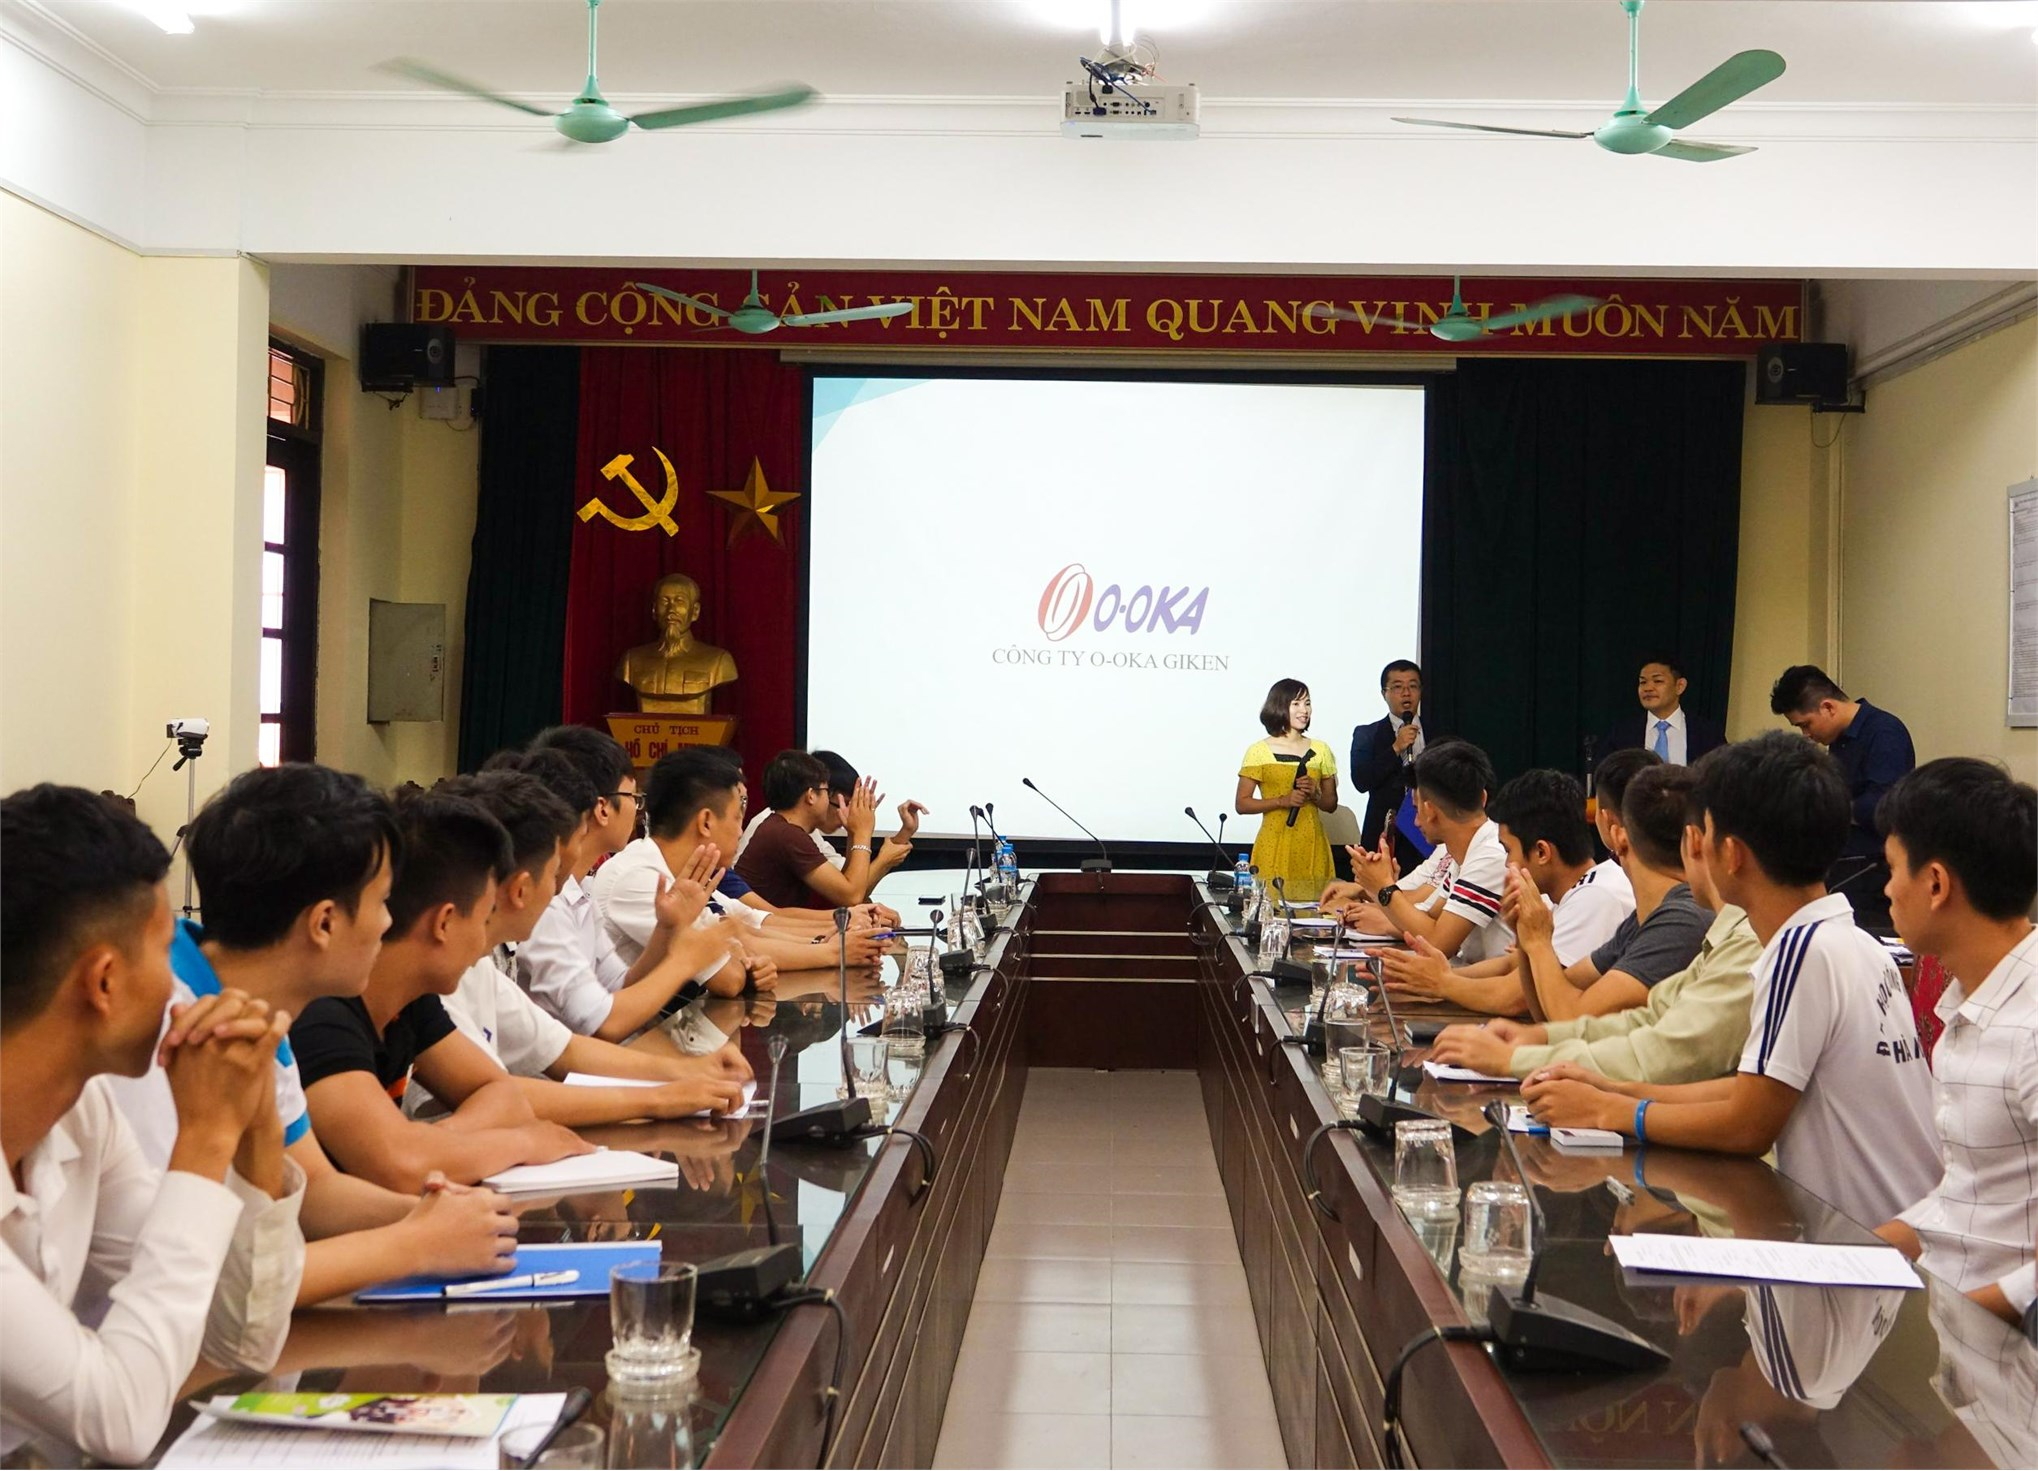 Hội thảo về chương trình đào tạo kỹ sư tài năng cho Công ty O-oka Giken